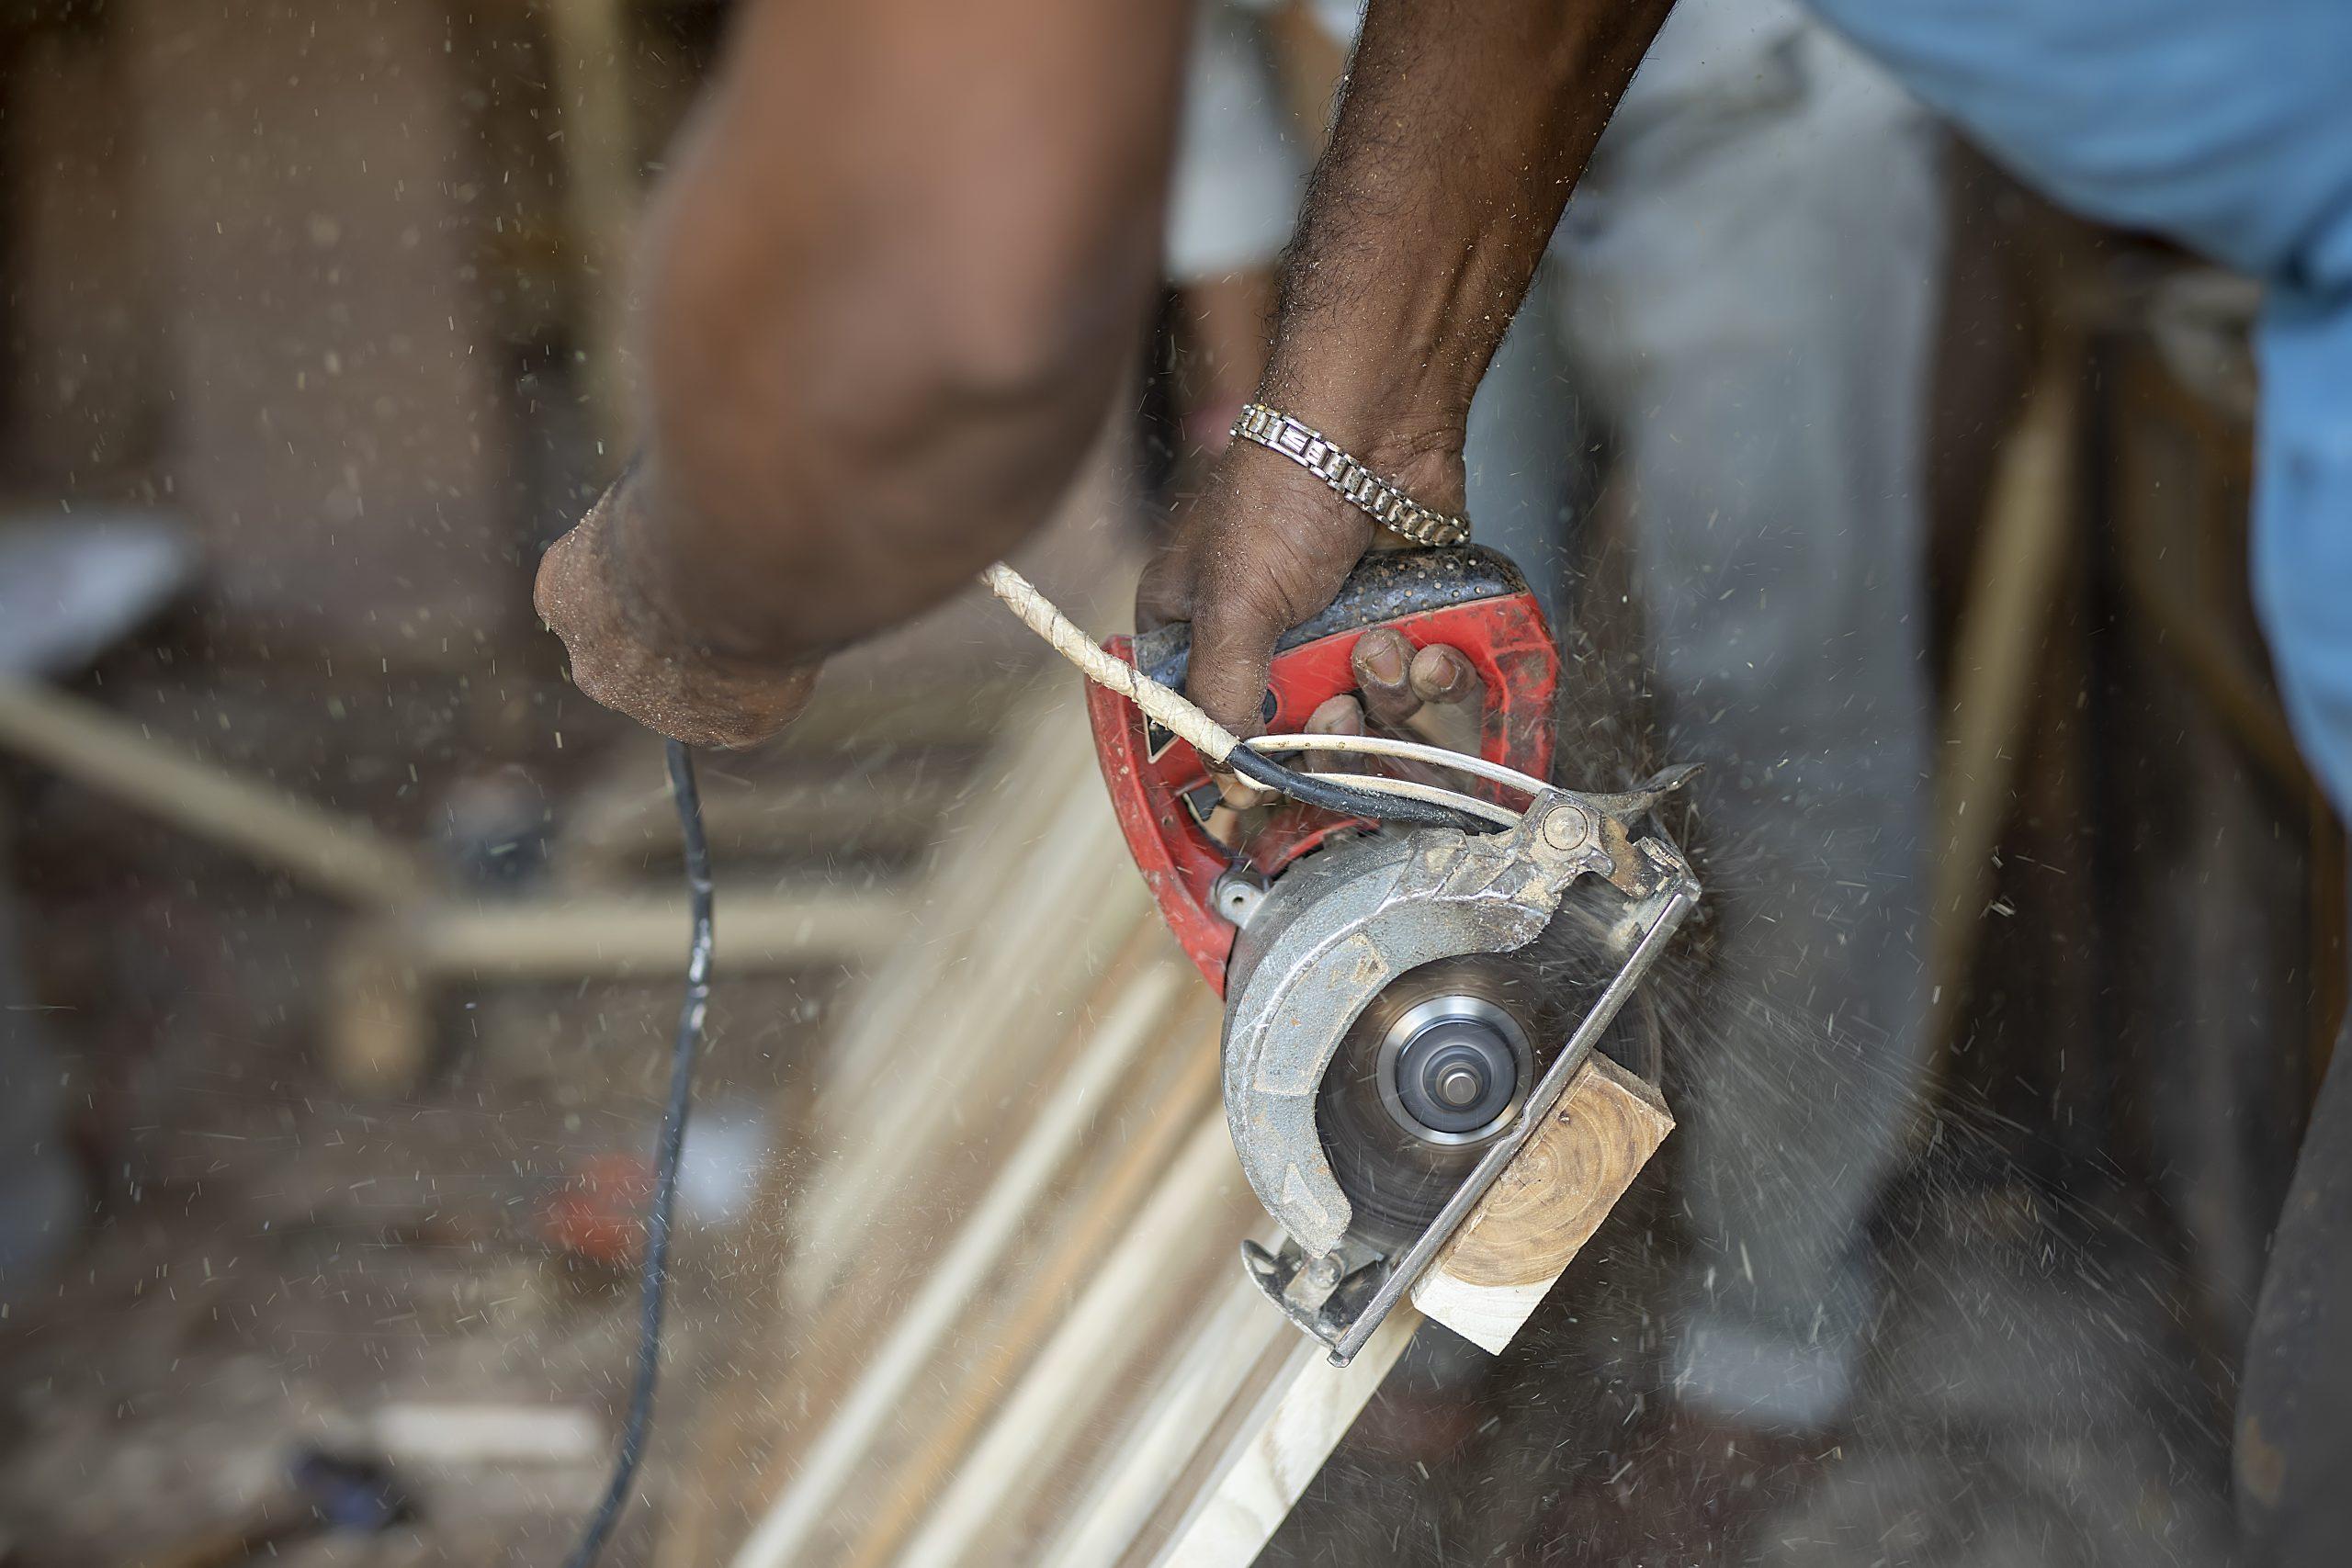 A carpenter cutting wood with a cutter